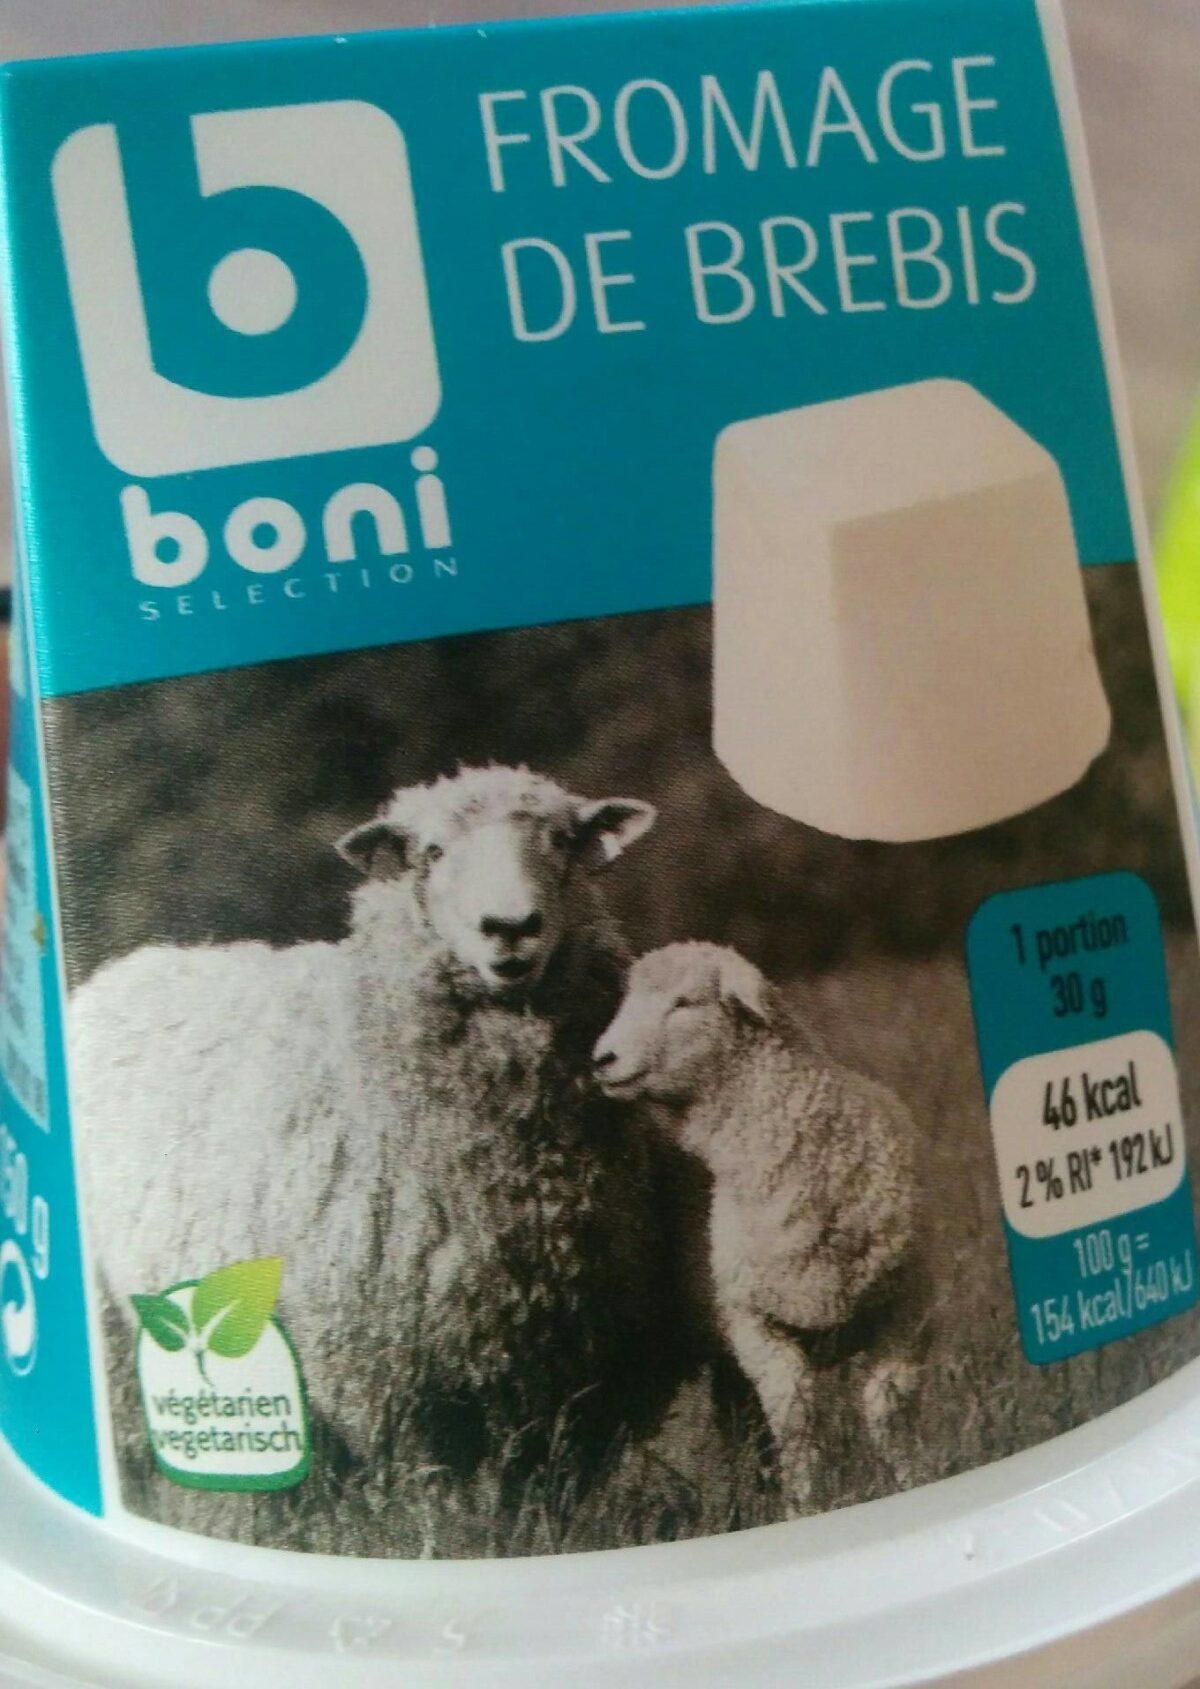 Fromage de brebis boni - Product - fr